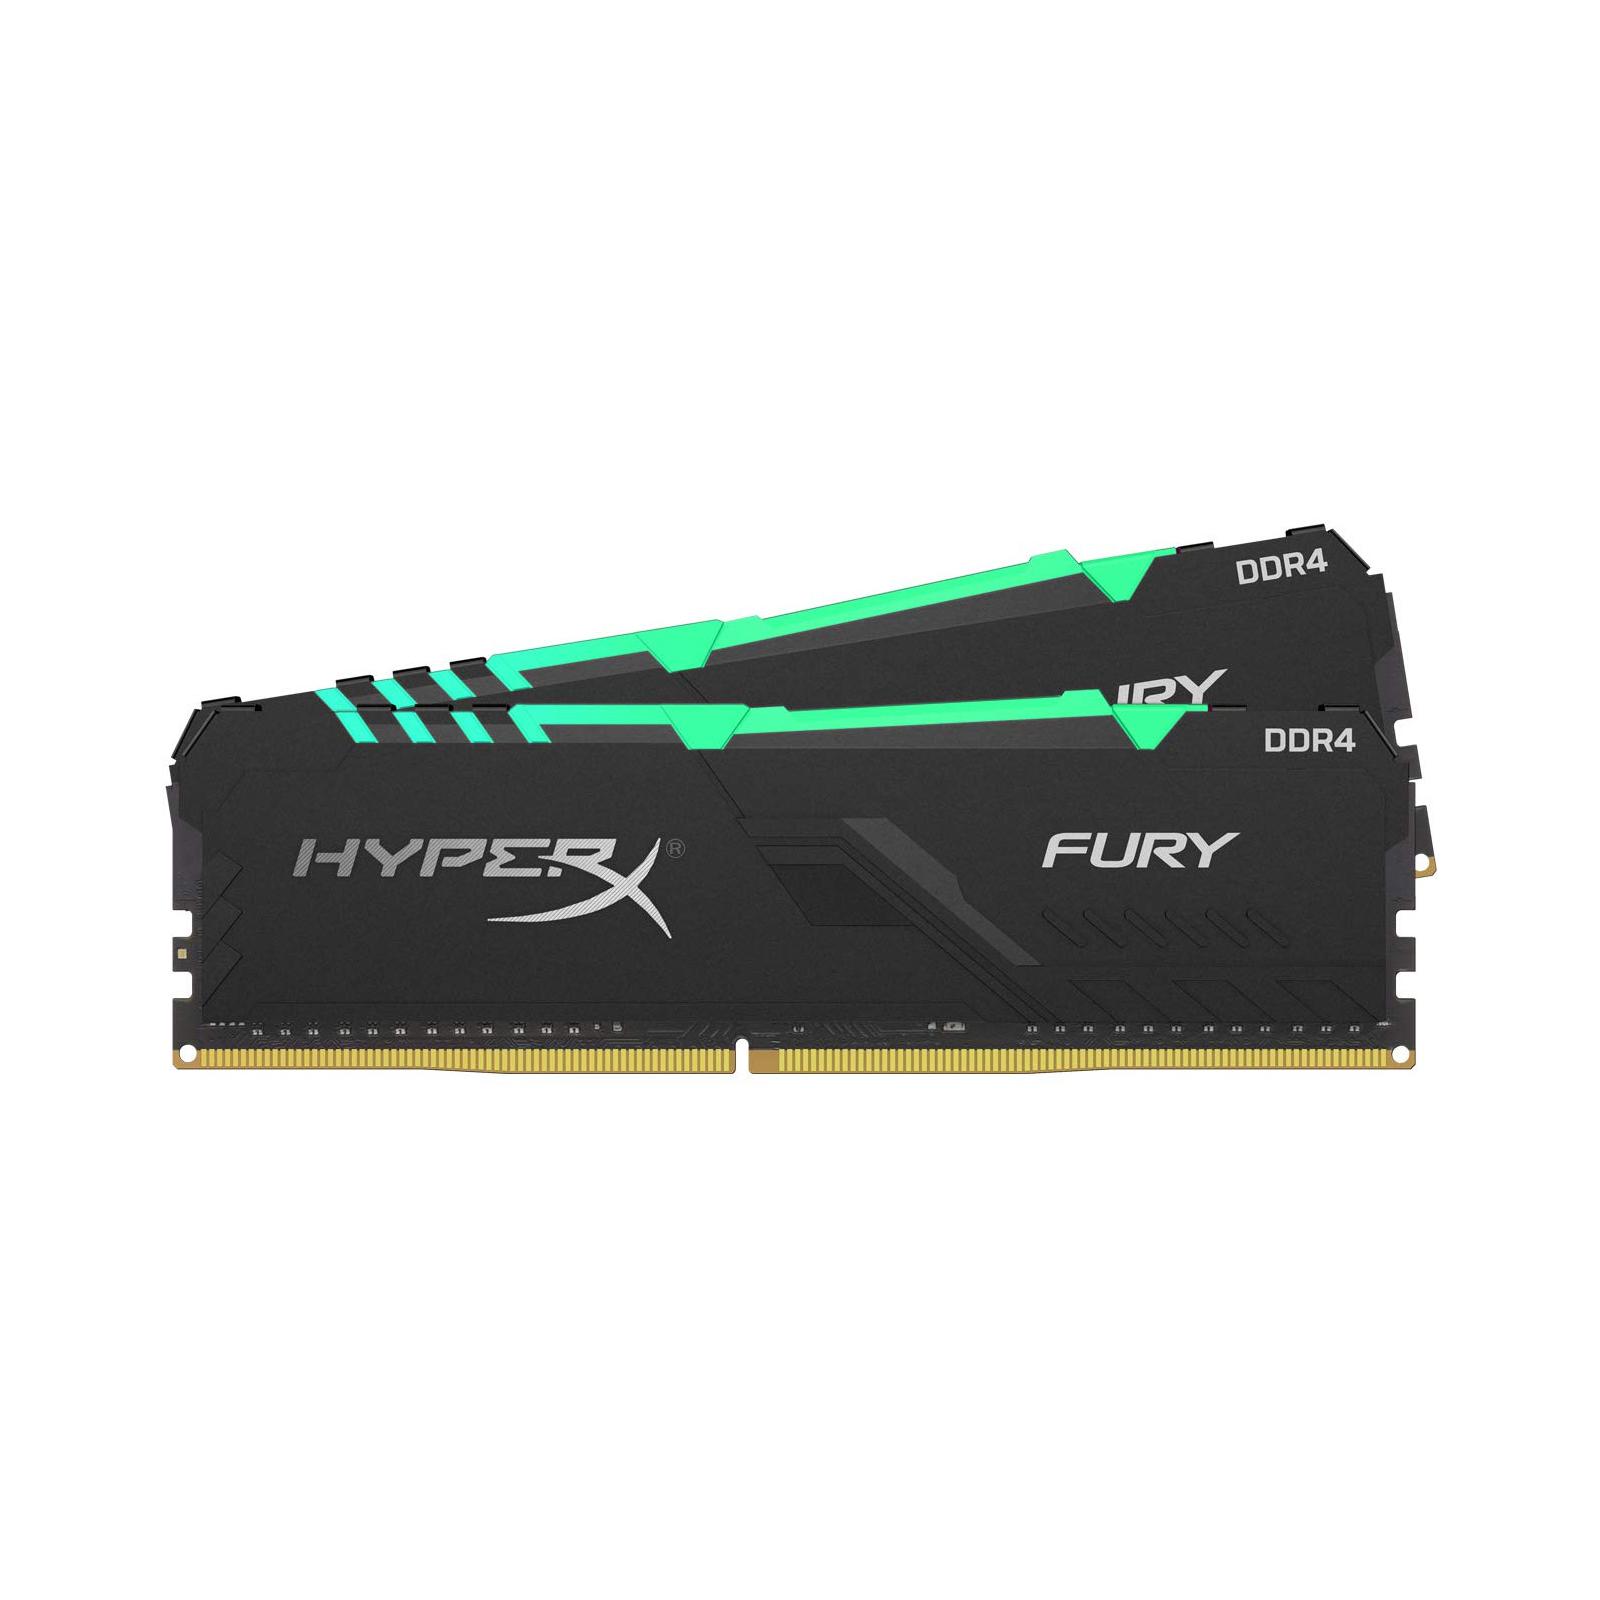 Модуль пам'яті для комп'ютера DDR4 16GB (2x8GB) 3600 MHz HyperX Fury RGB Kingston (HX436C17FB3AK2/16) зображення 4